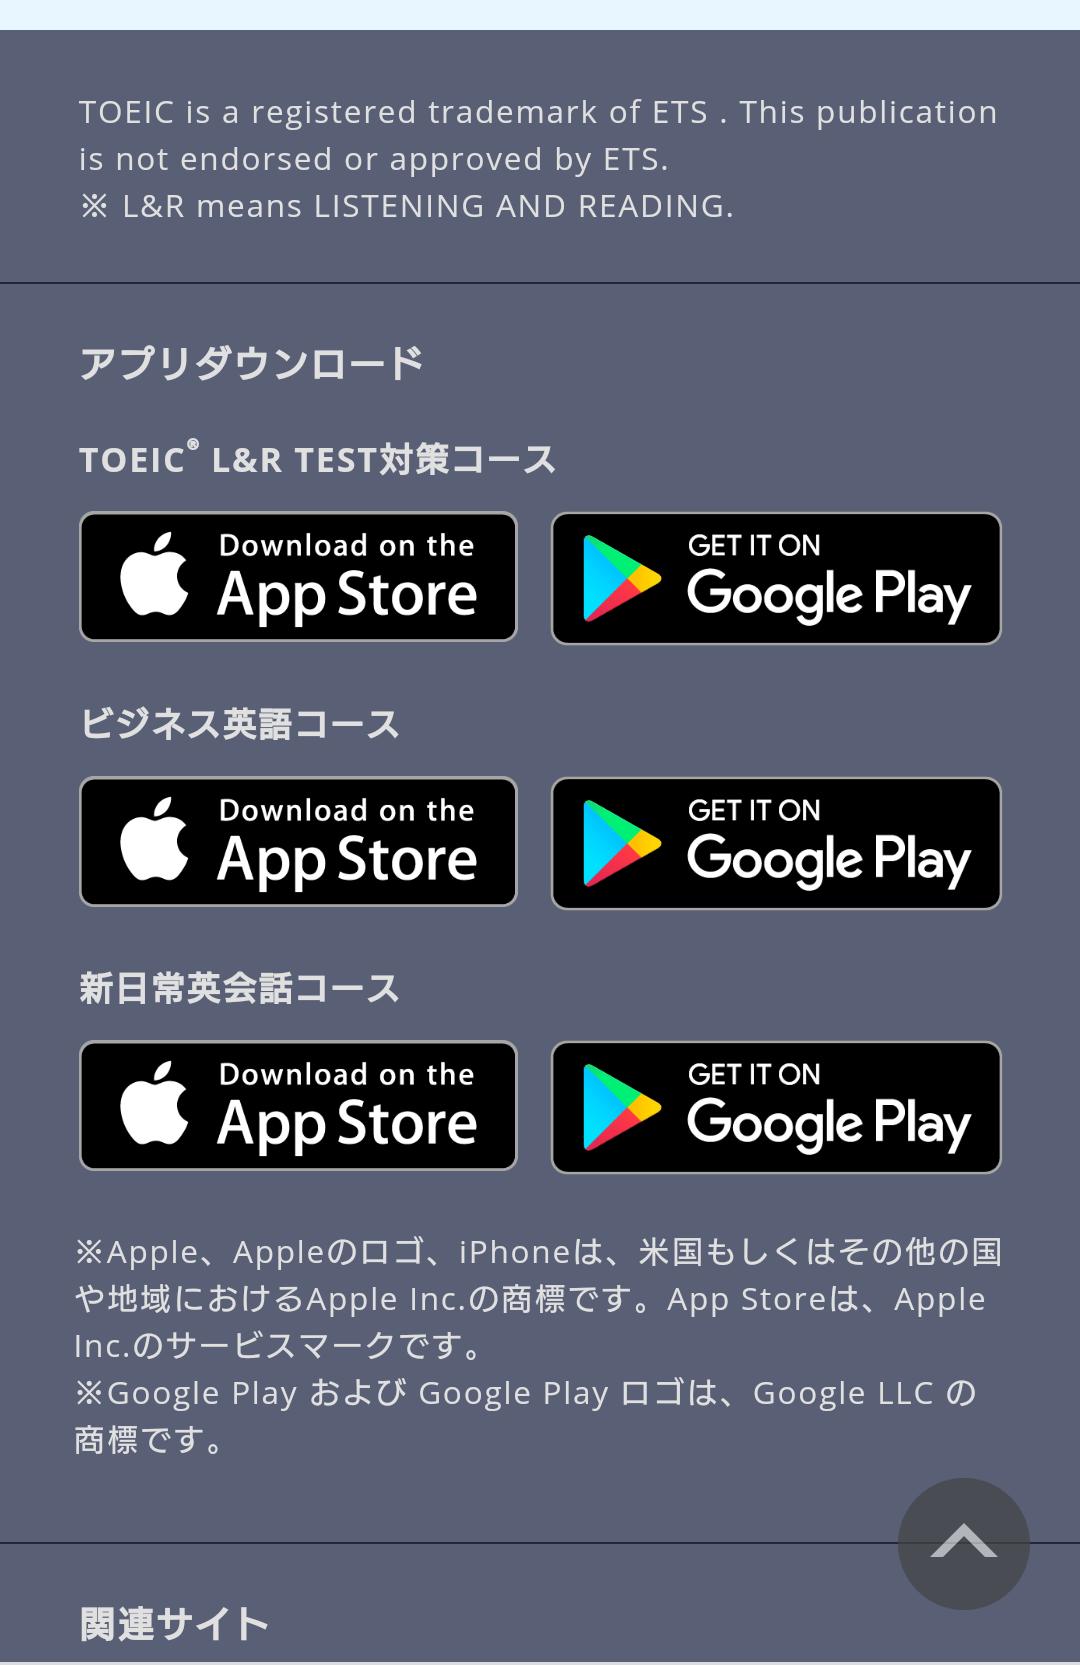 アプリDLリンク